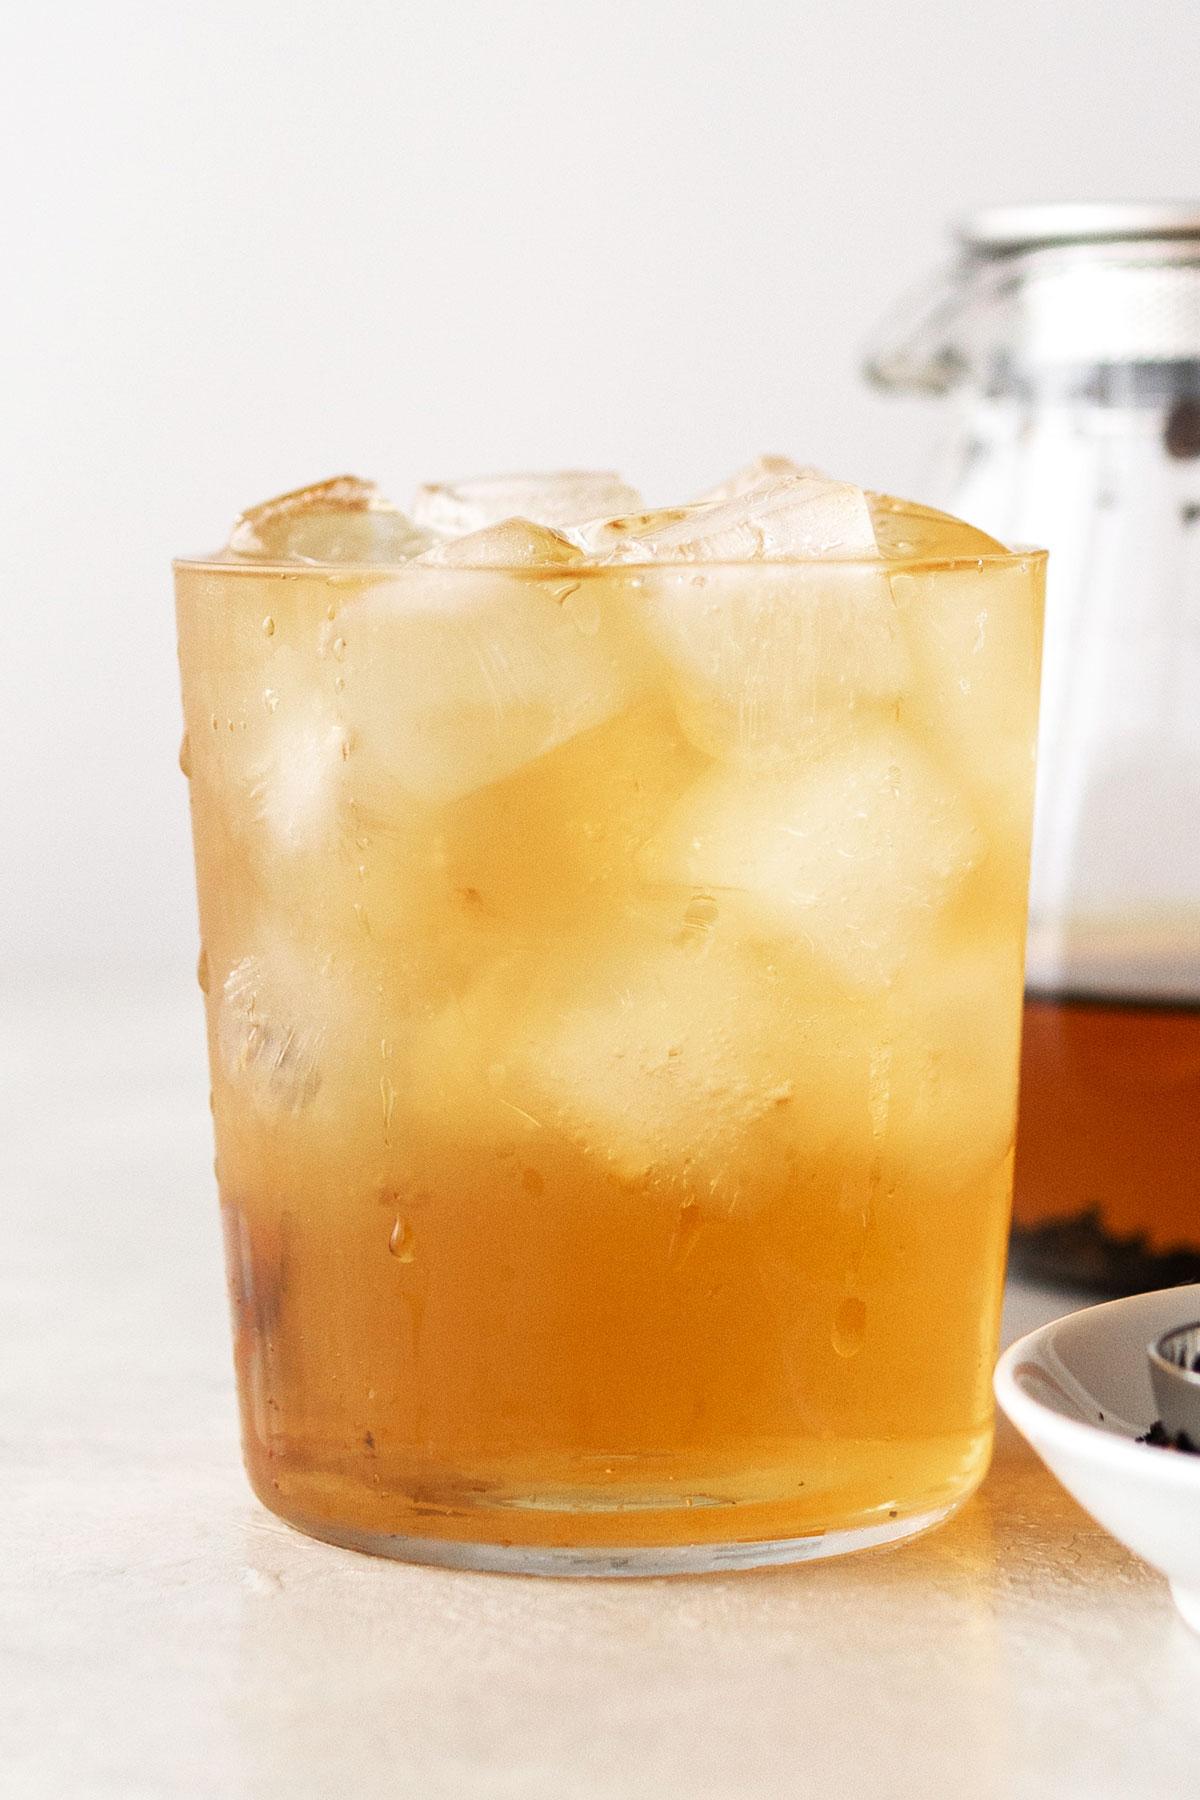 Iced Earl Grey tea in a cup.